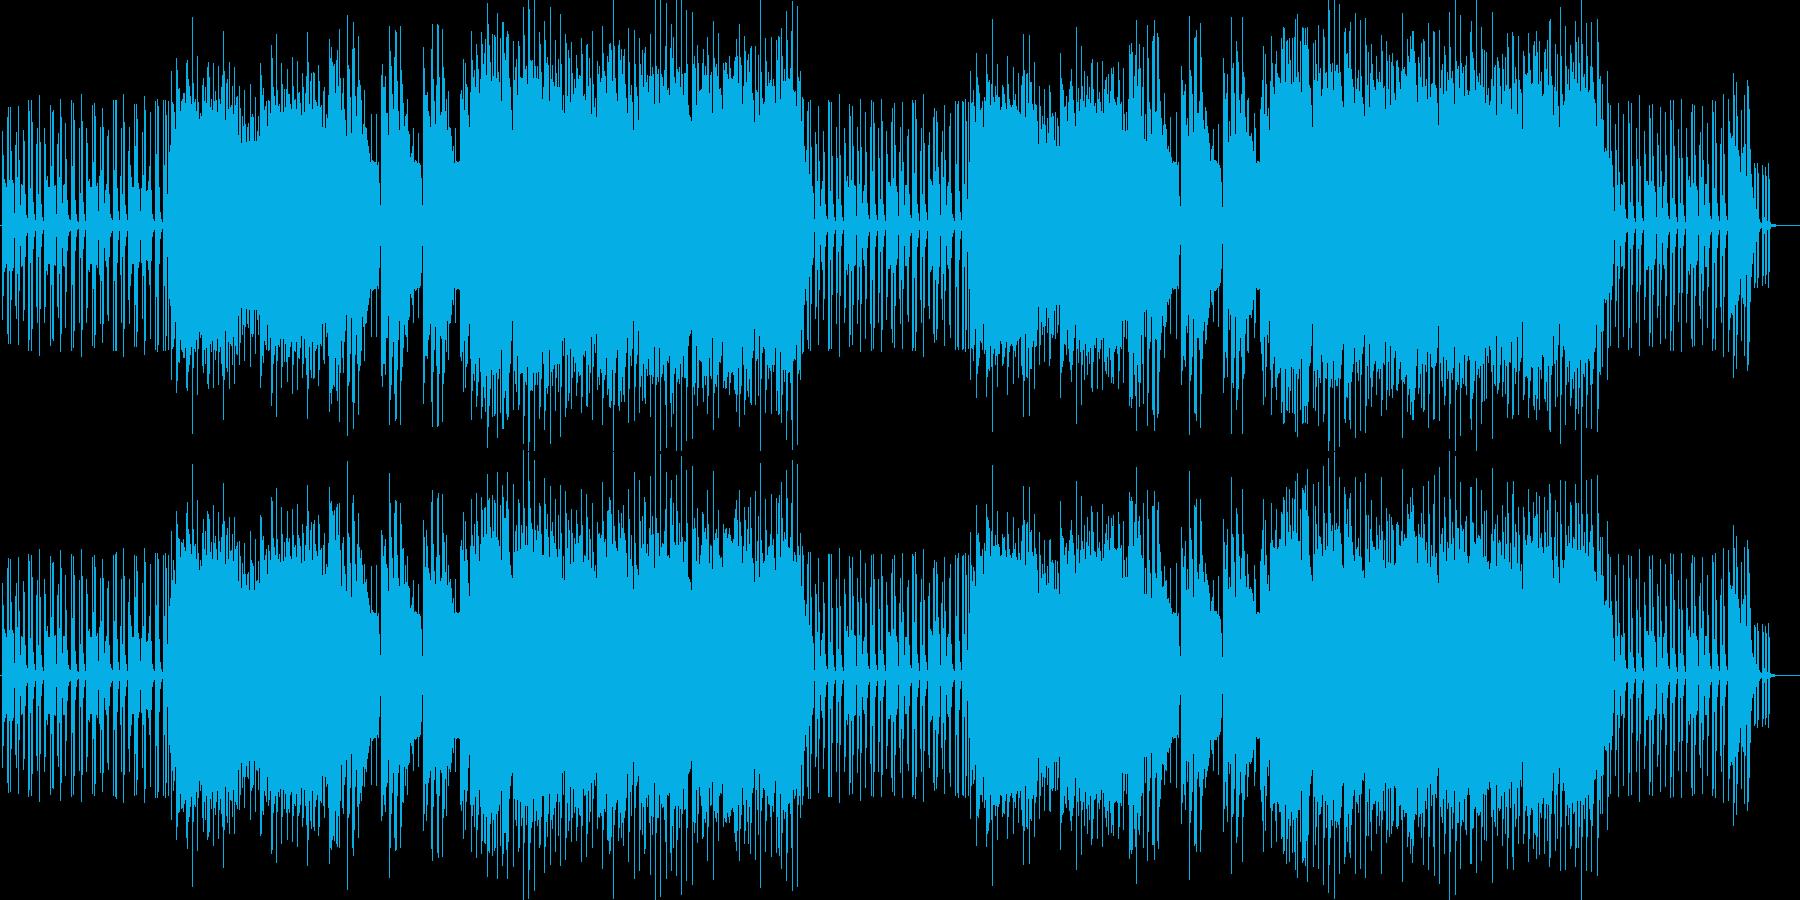 スーパーでかかってそうな音色のロック曲の再生済みの波形